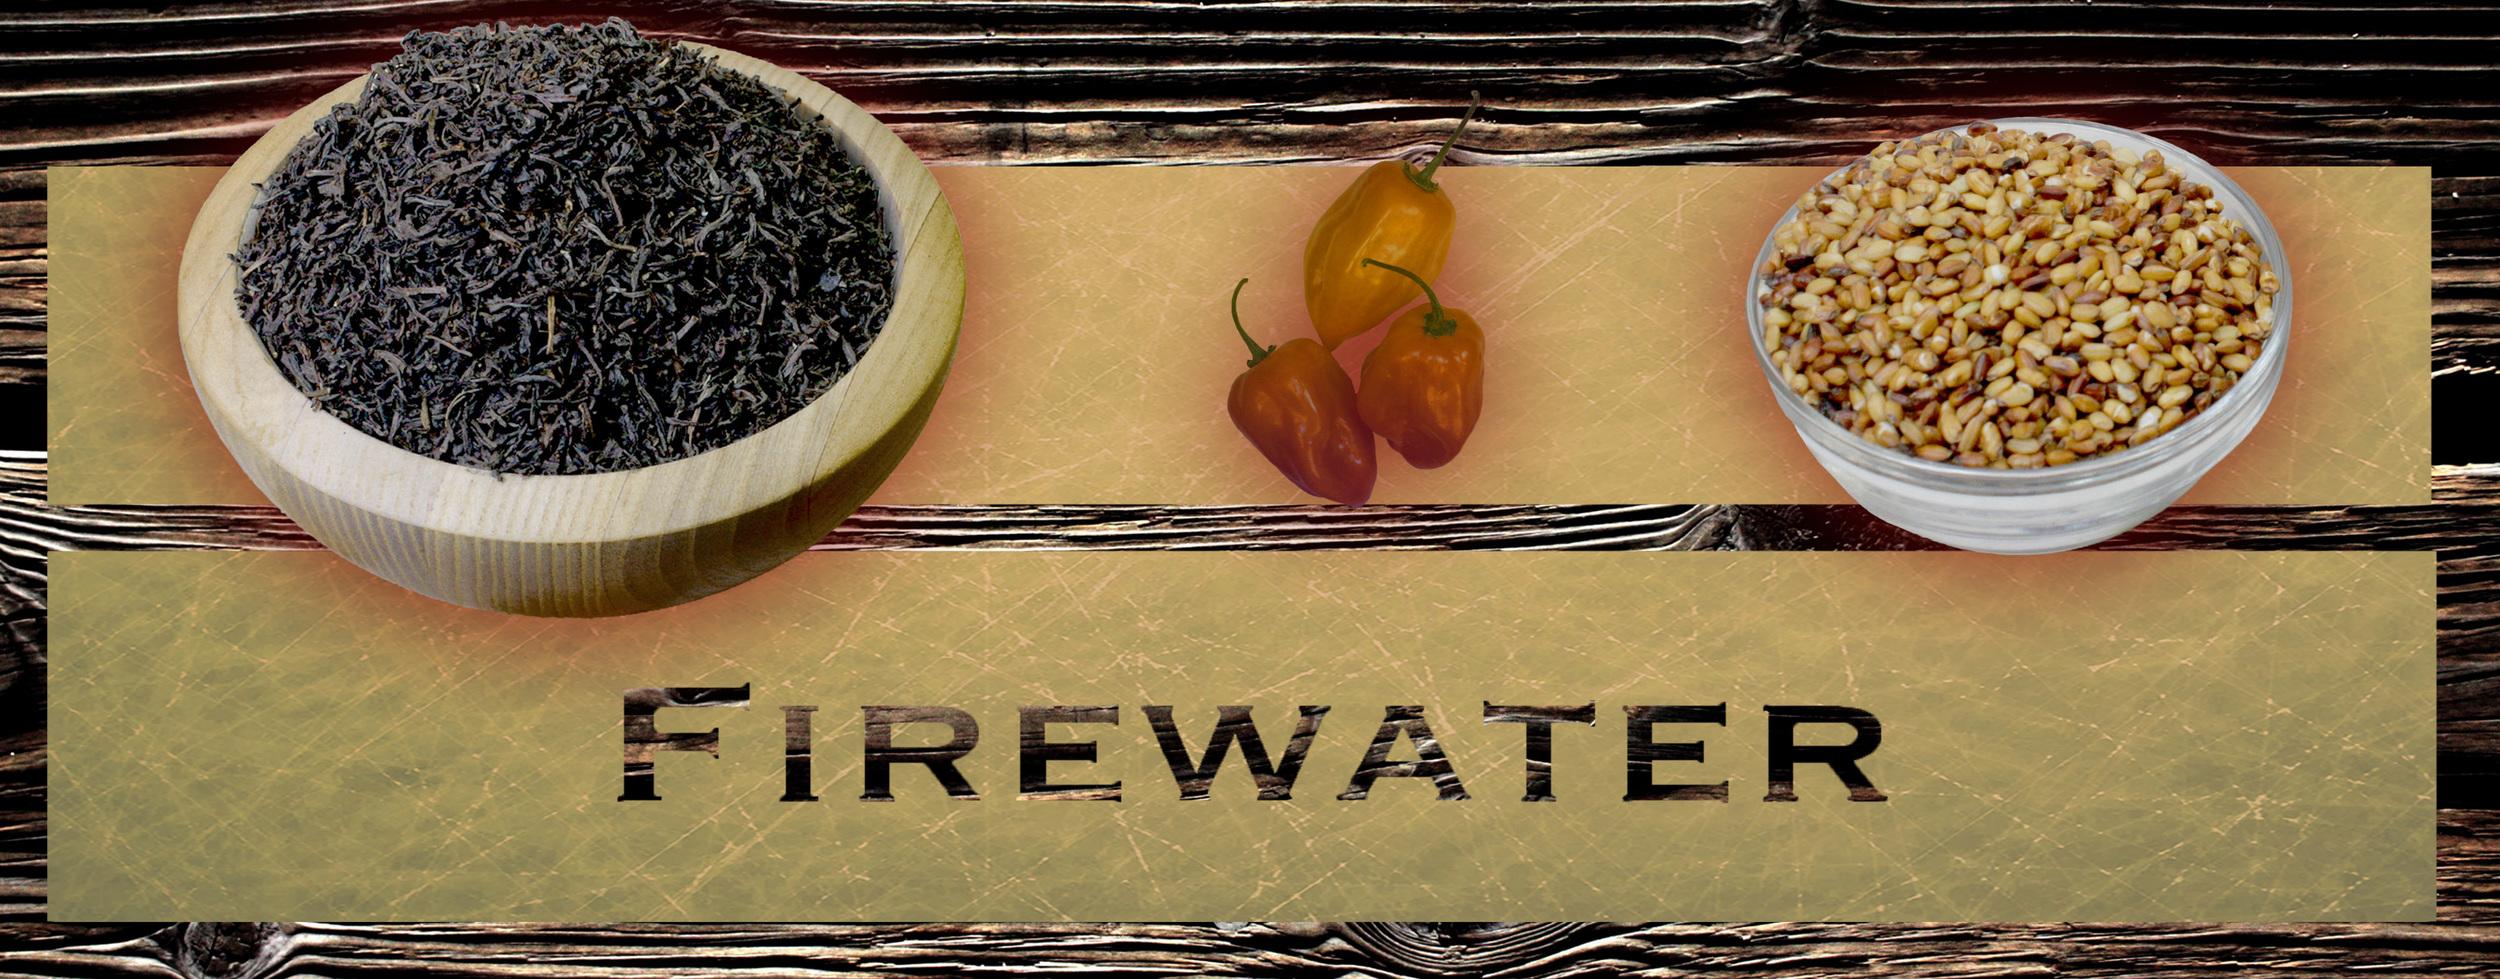 parts-firewater001.jpg